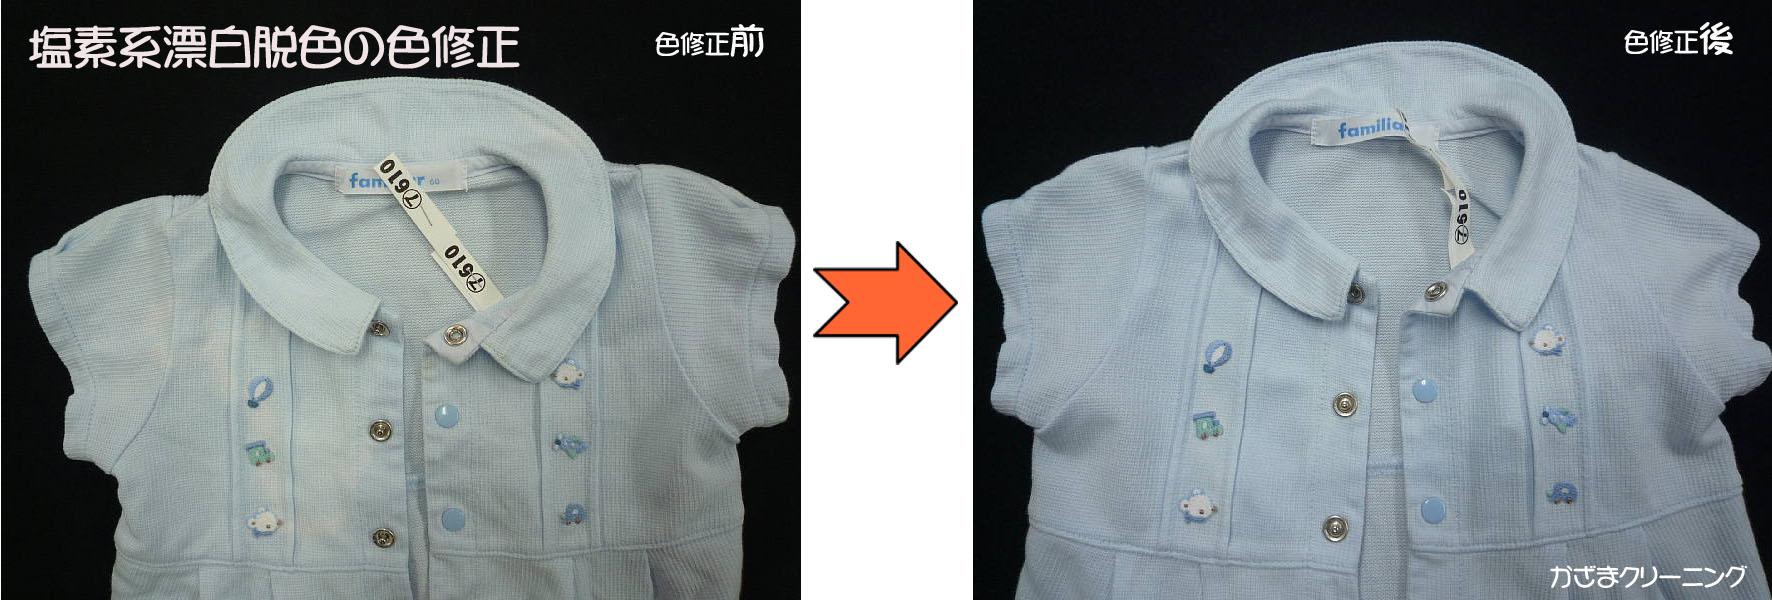 塩素系漂白剤脱色の色修正